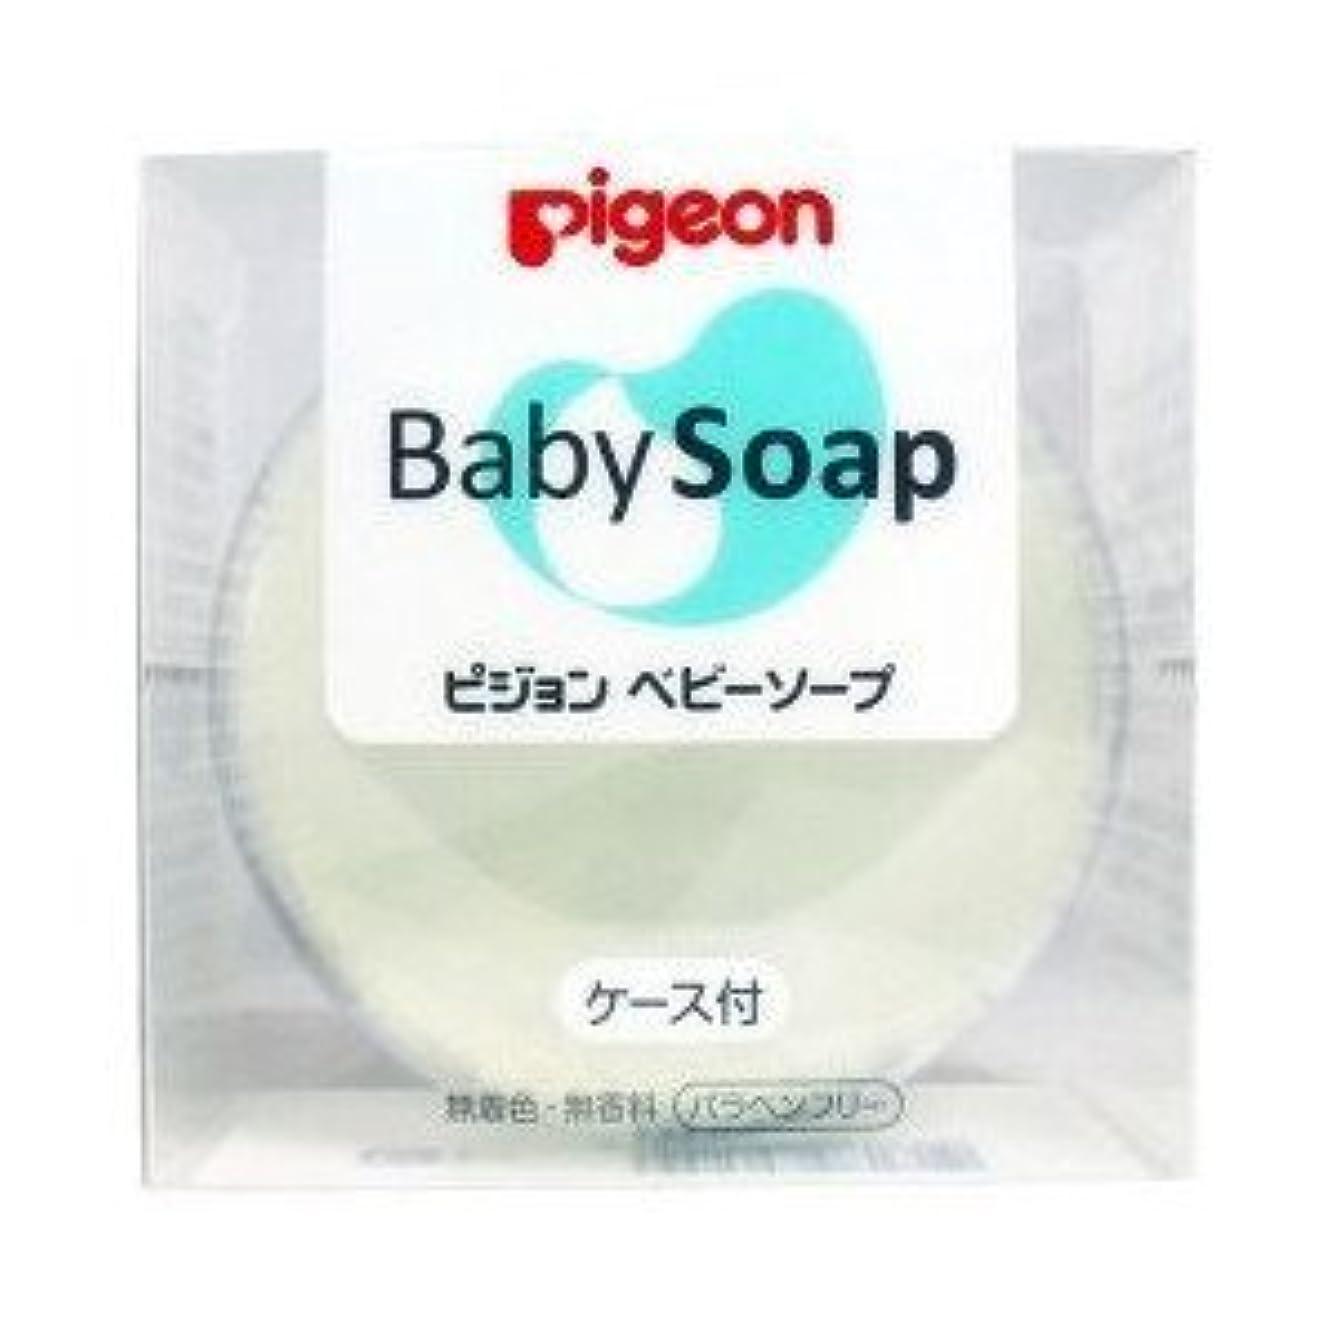 (ピジョン)ベビーソープ ケースつき 90g(医薬部外品)(お買い得3個セット)